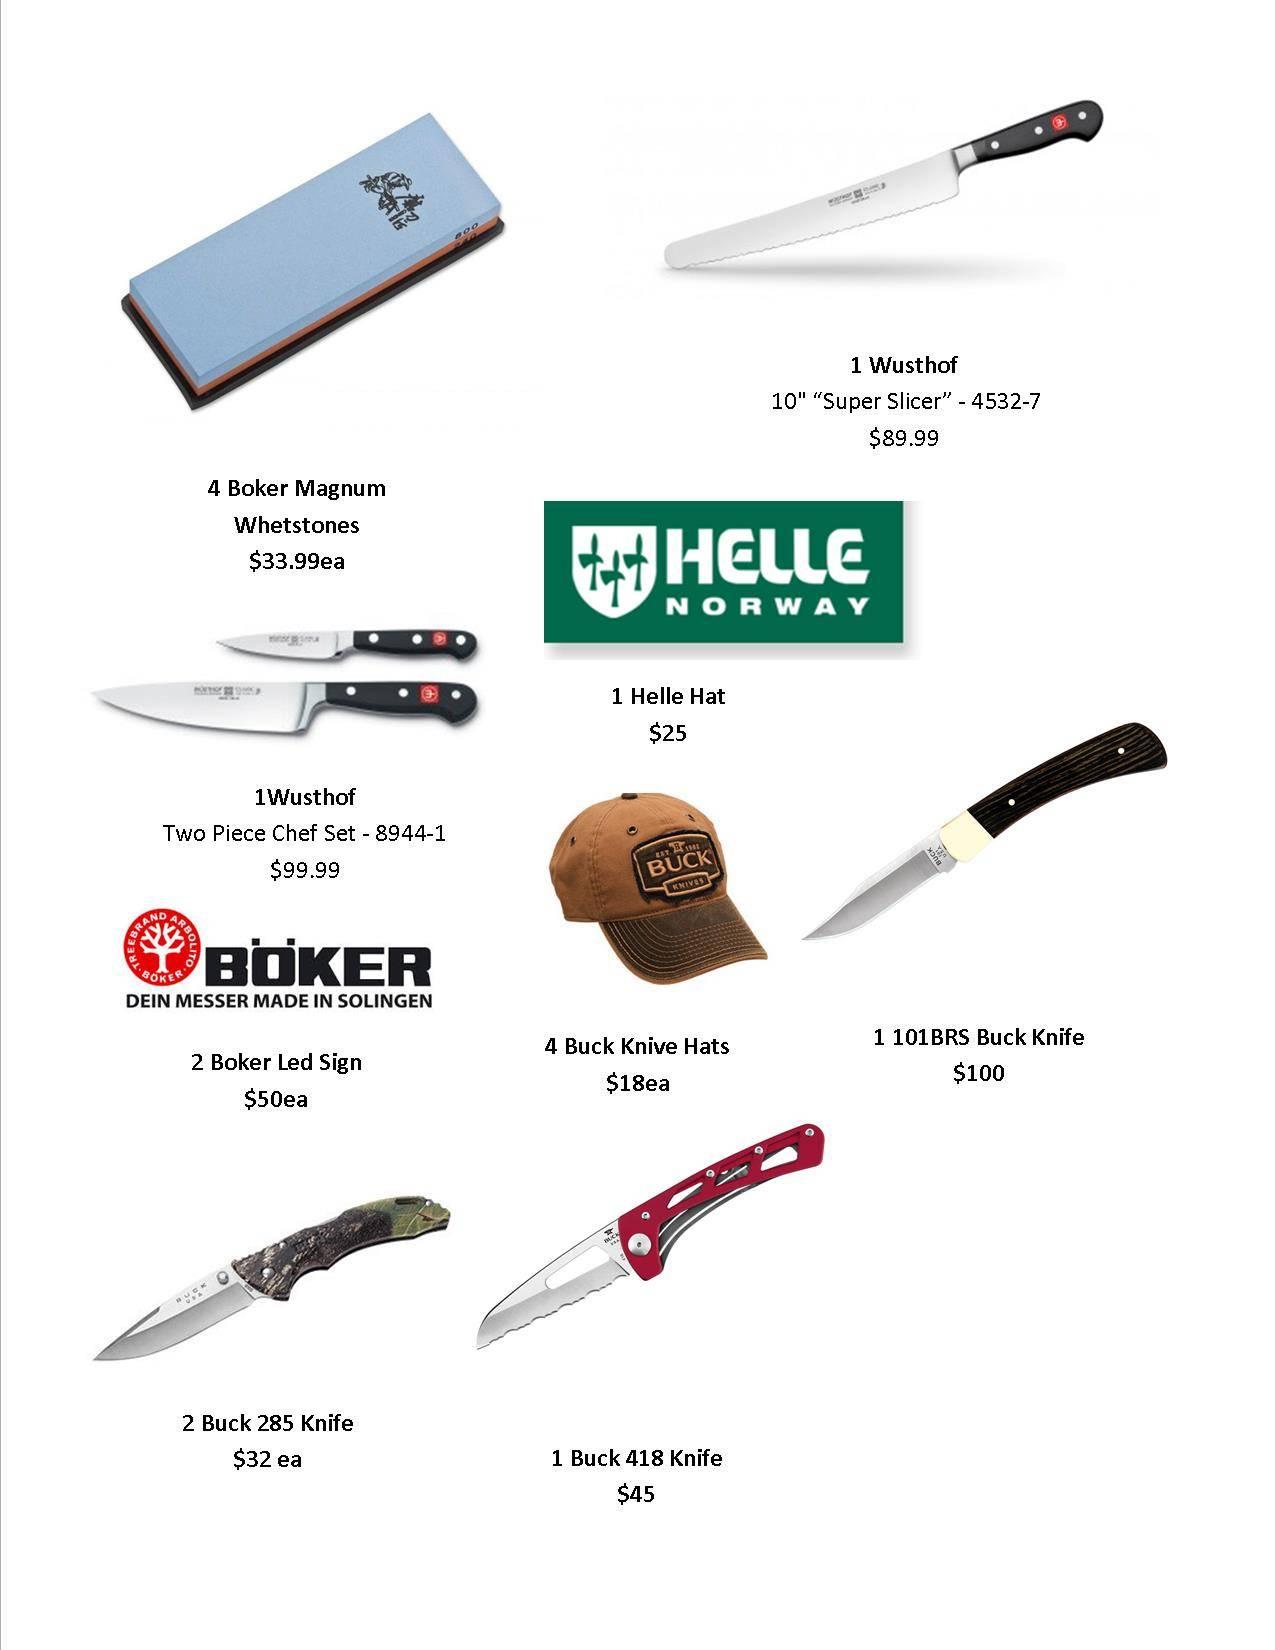 More Customer Appreciation Door Prizes